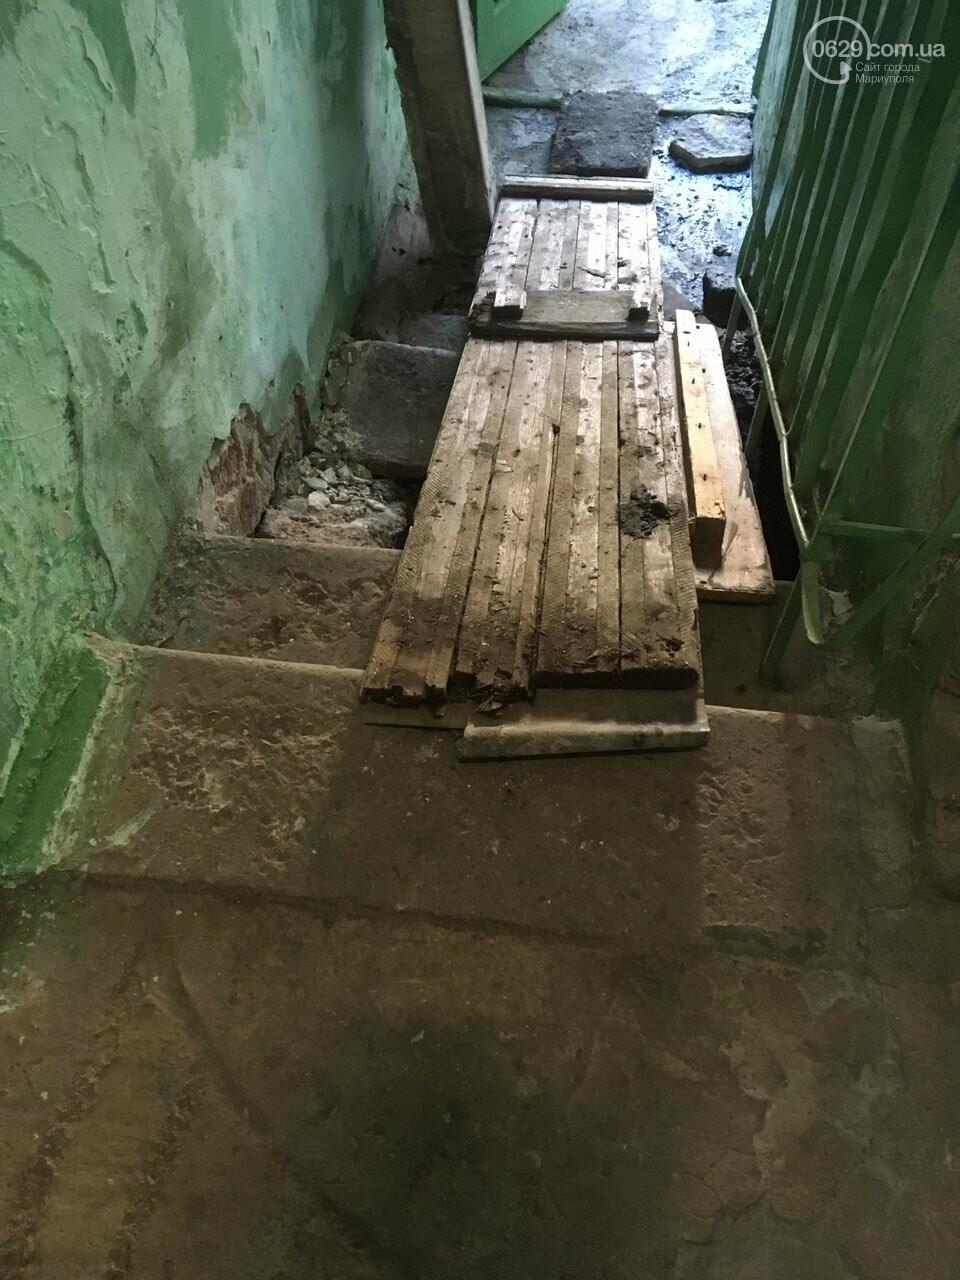 Это провал! В подъезде жилого мариупольского дома демонтировали ступени,- ФОТО, фото-2